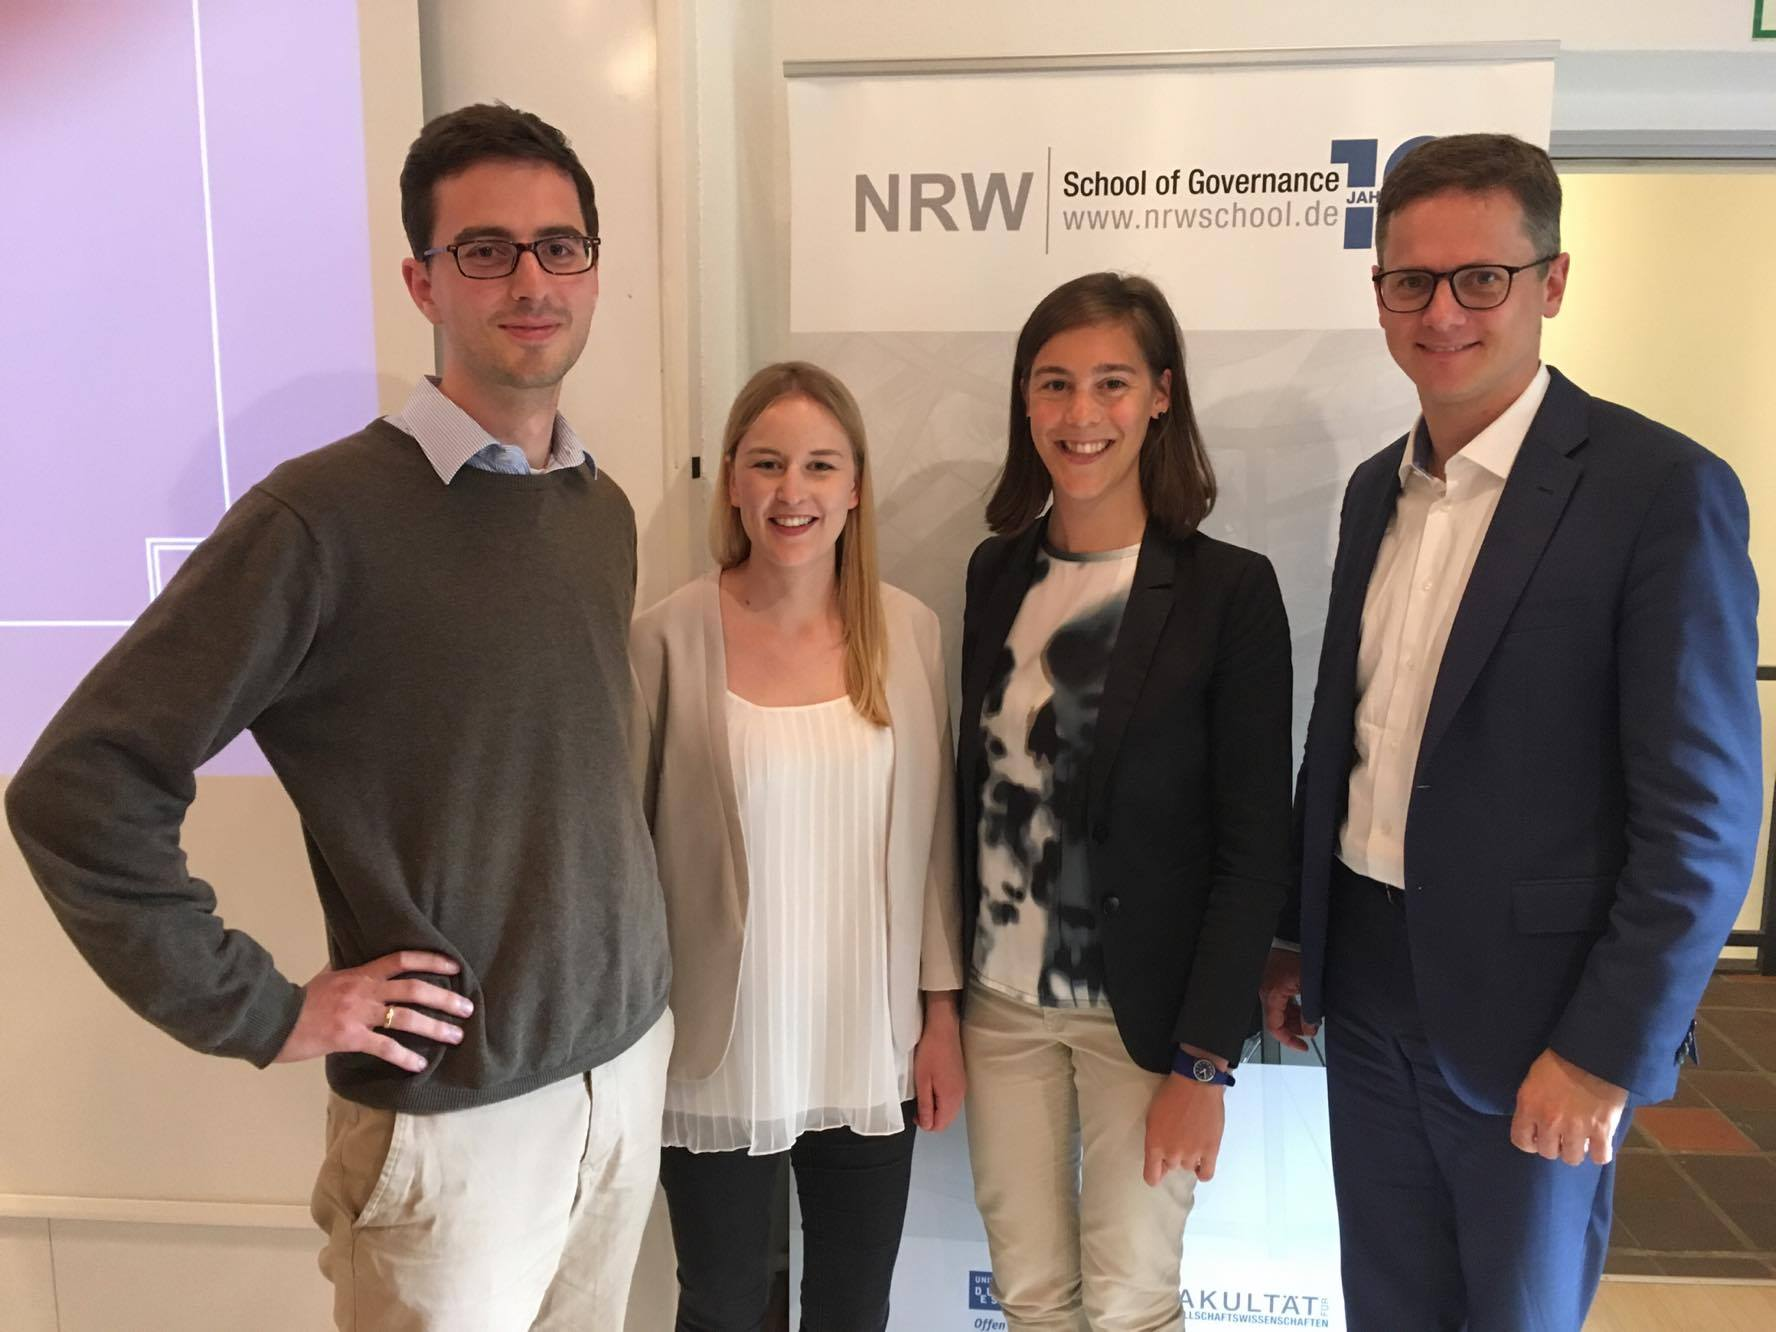 Studierende des Masters Politikmanagement haben mit Dr. Carsten Linnemann (MdB, rechts) über die Wirtschaftspolitik der CDU diskutiert.